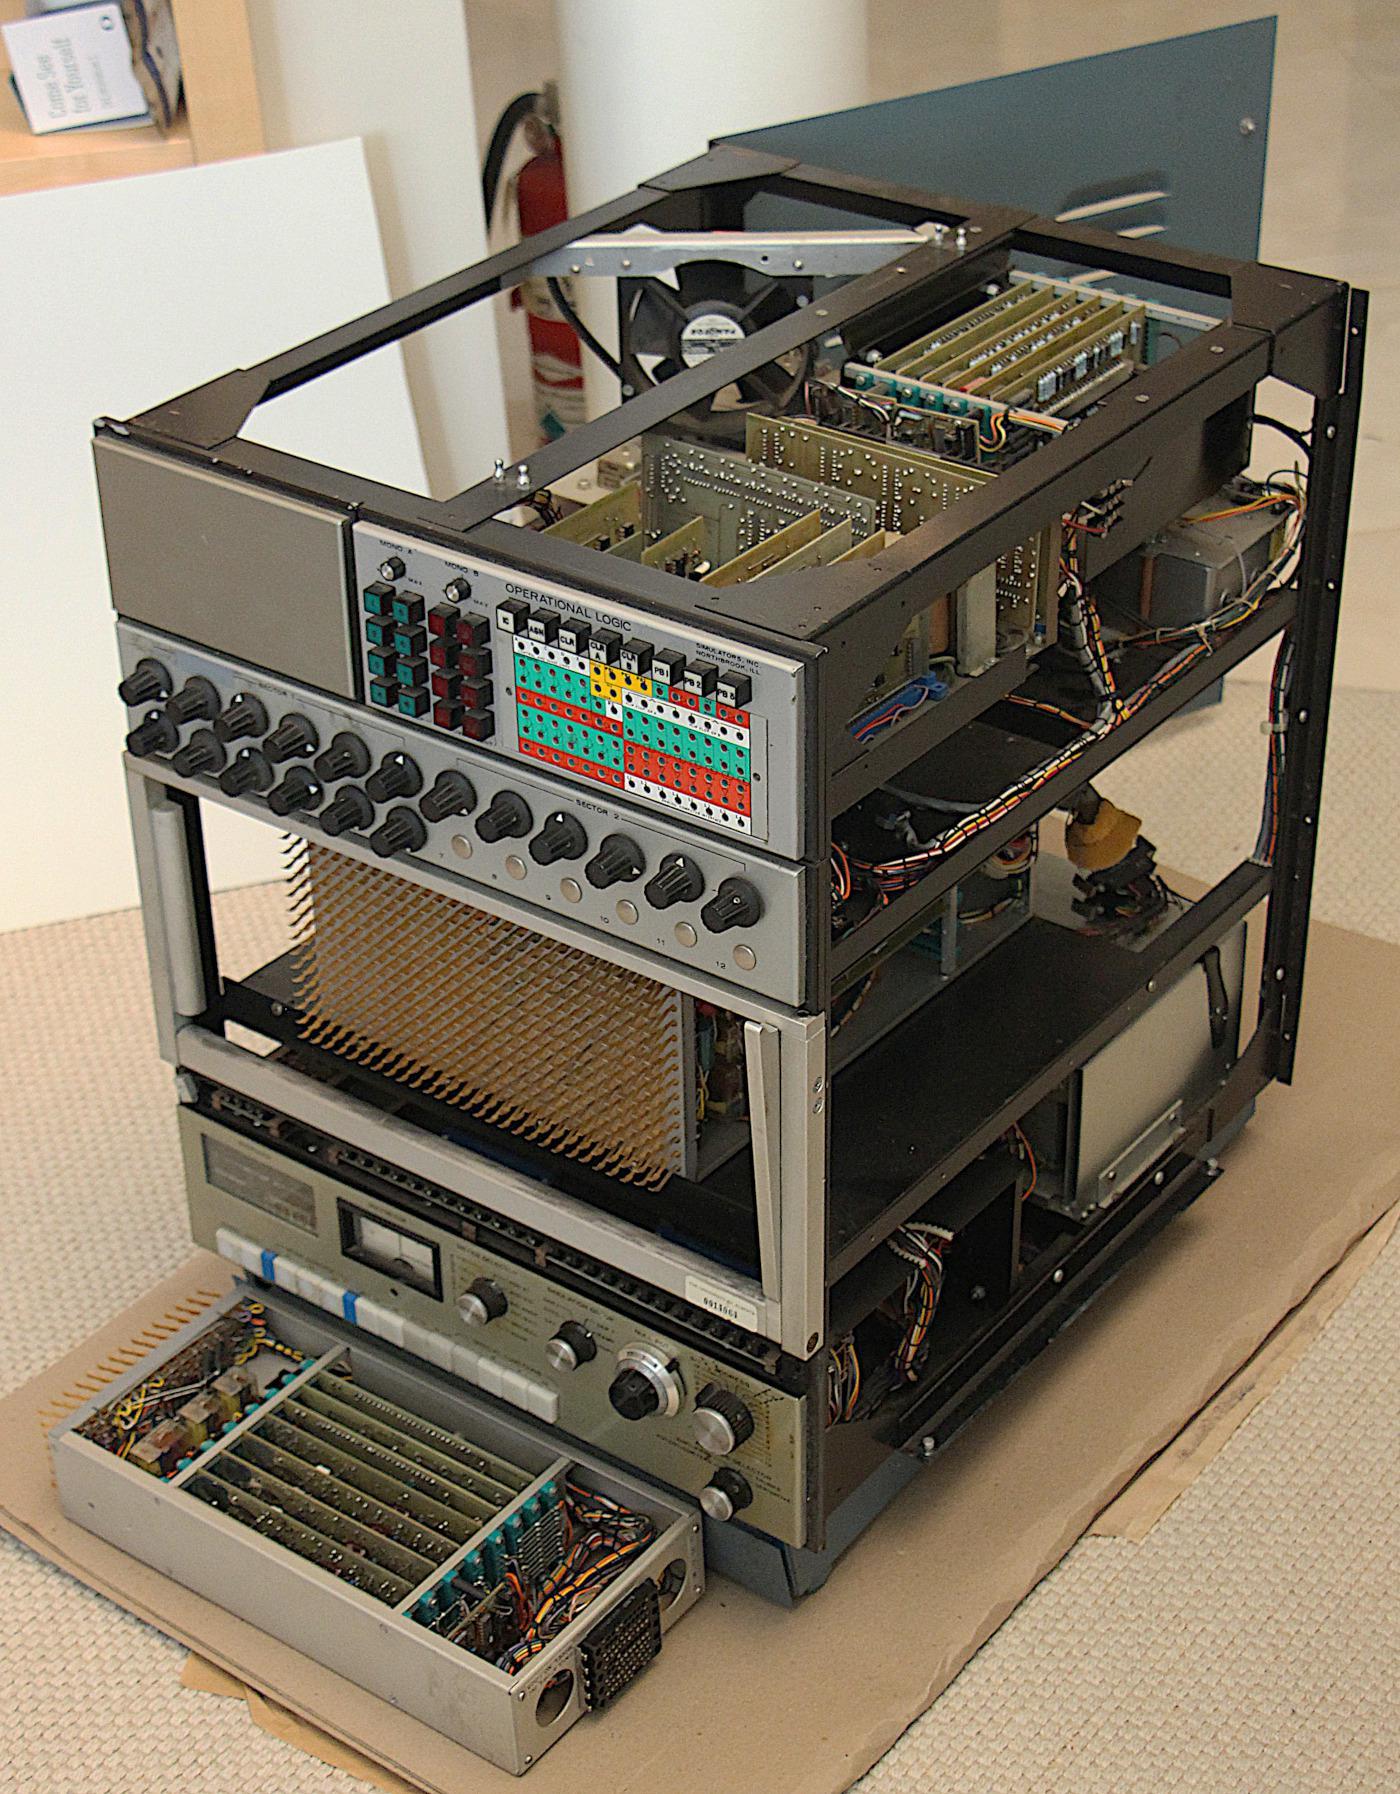 Реверс-инжиниринг малошумящих операционных усилителей из аналогового компьютера 1969 года - 5